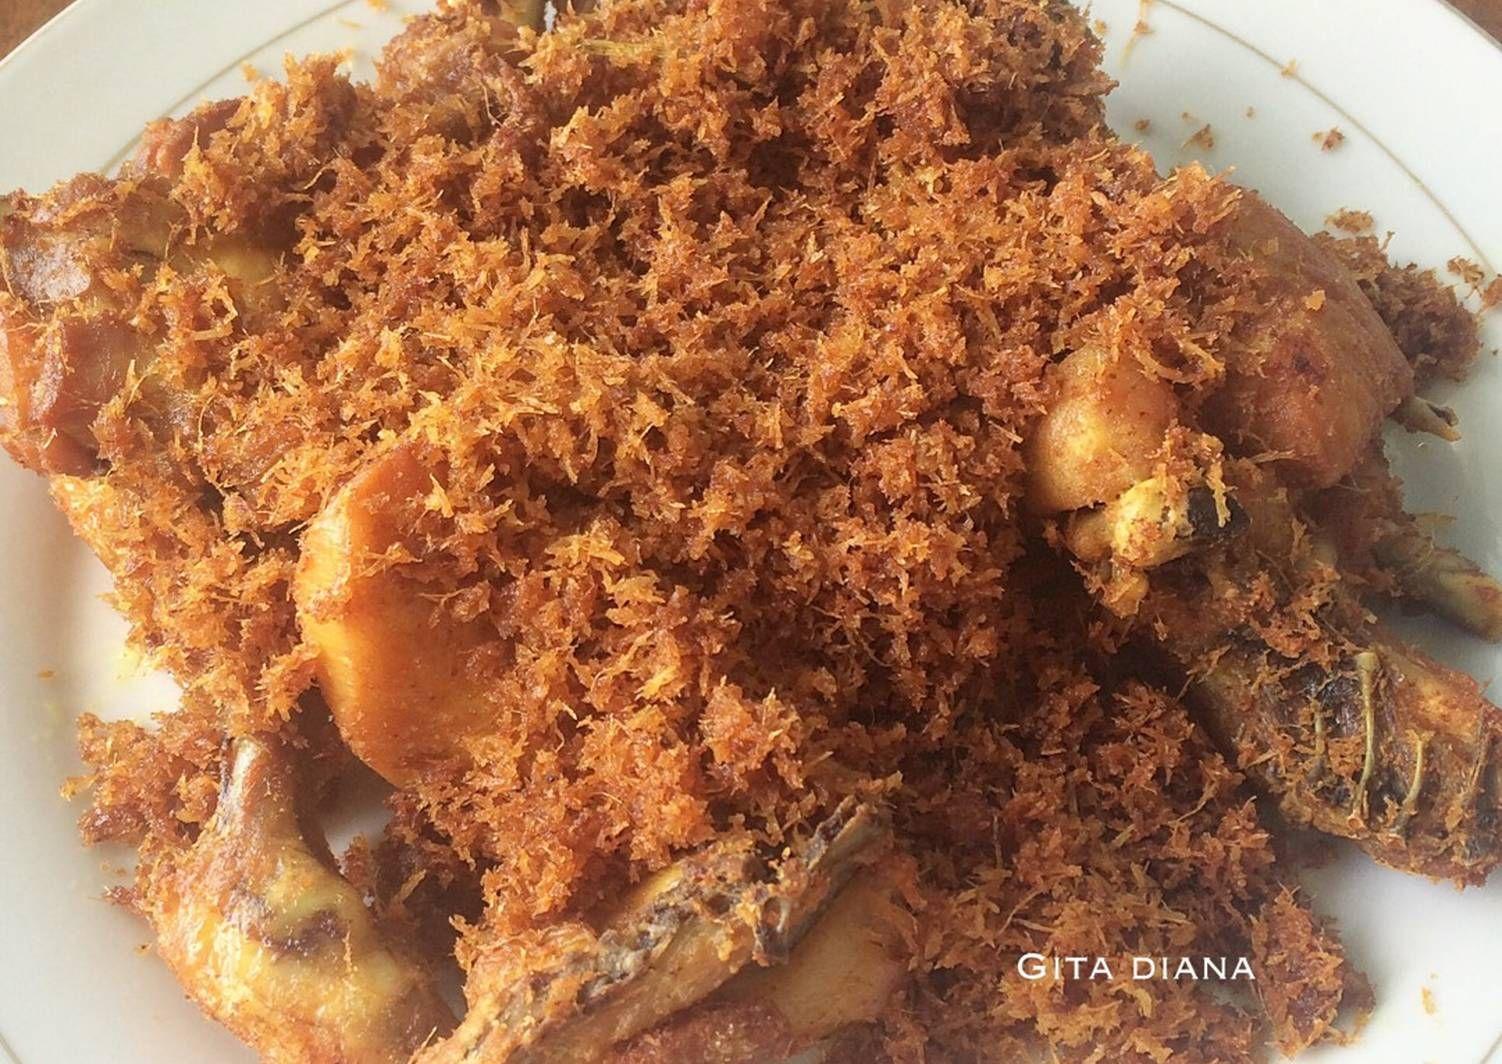 Resep Ayam Goreng Serundeng Oleh Gita Diana Resep Ayam Goreng Resep Ayam Makanan